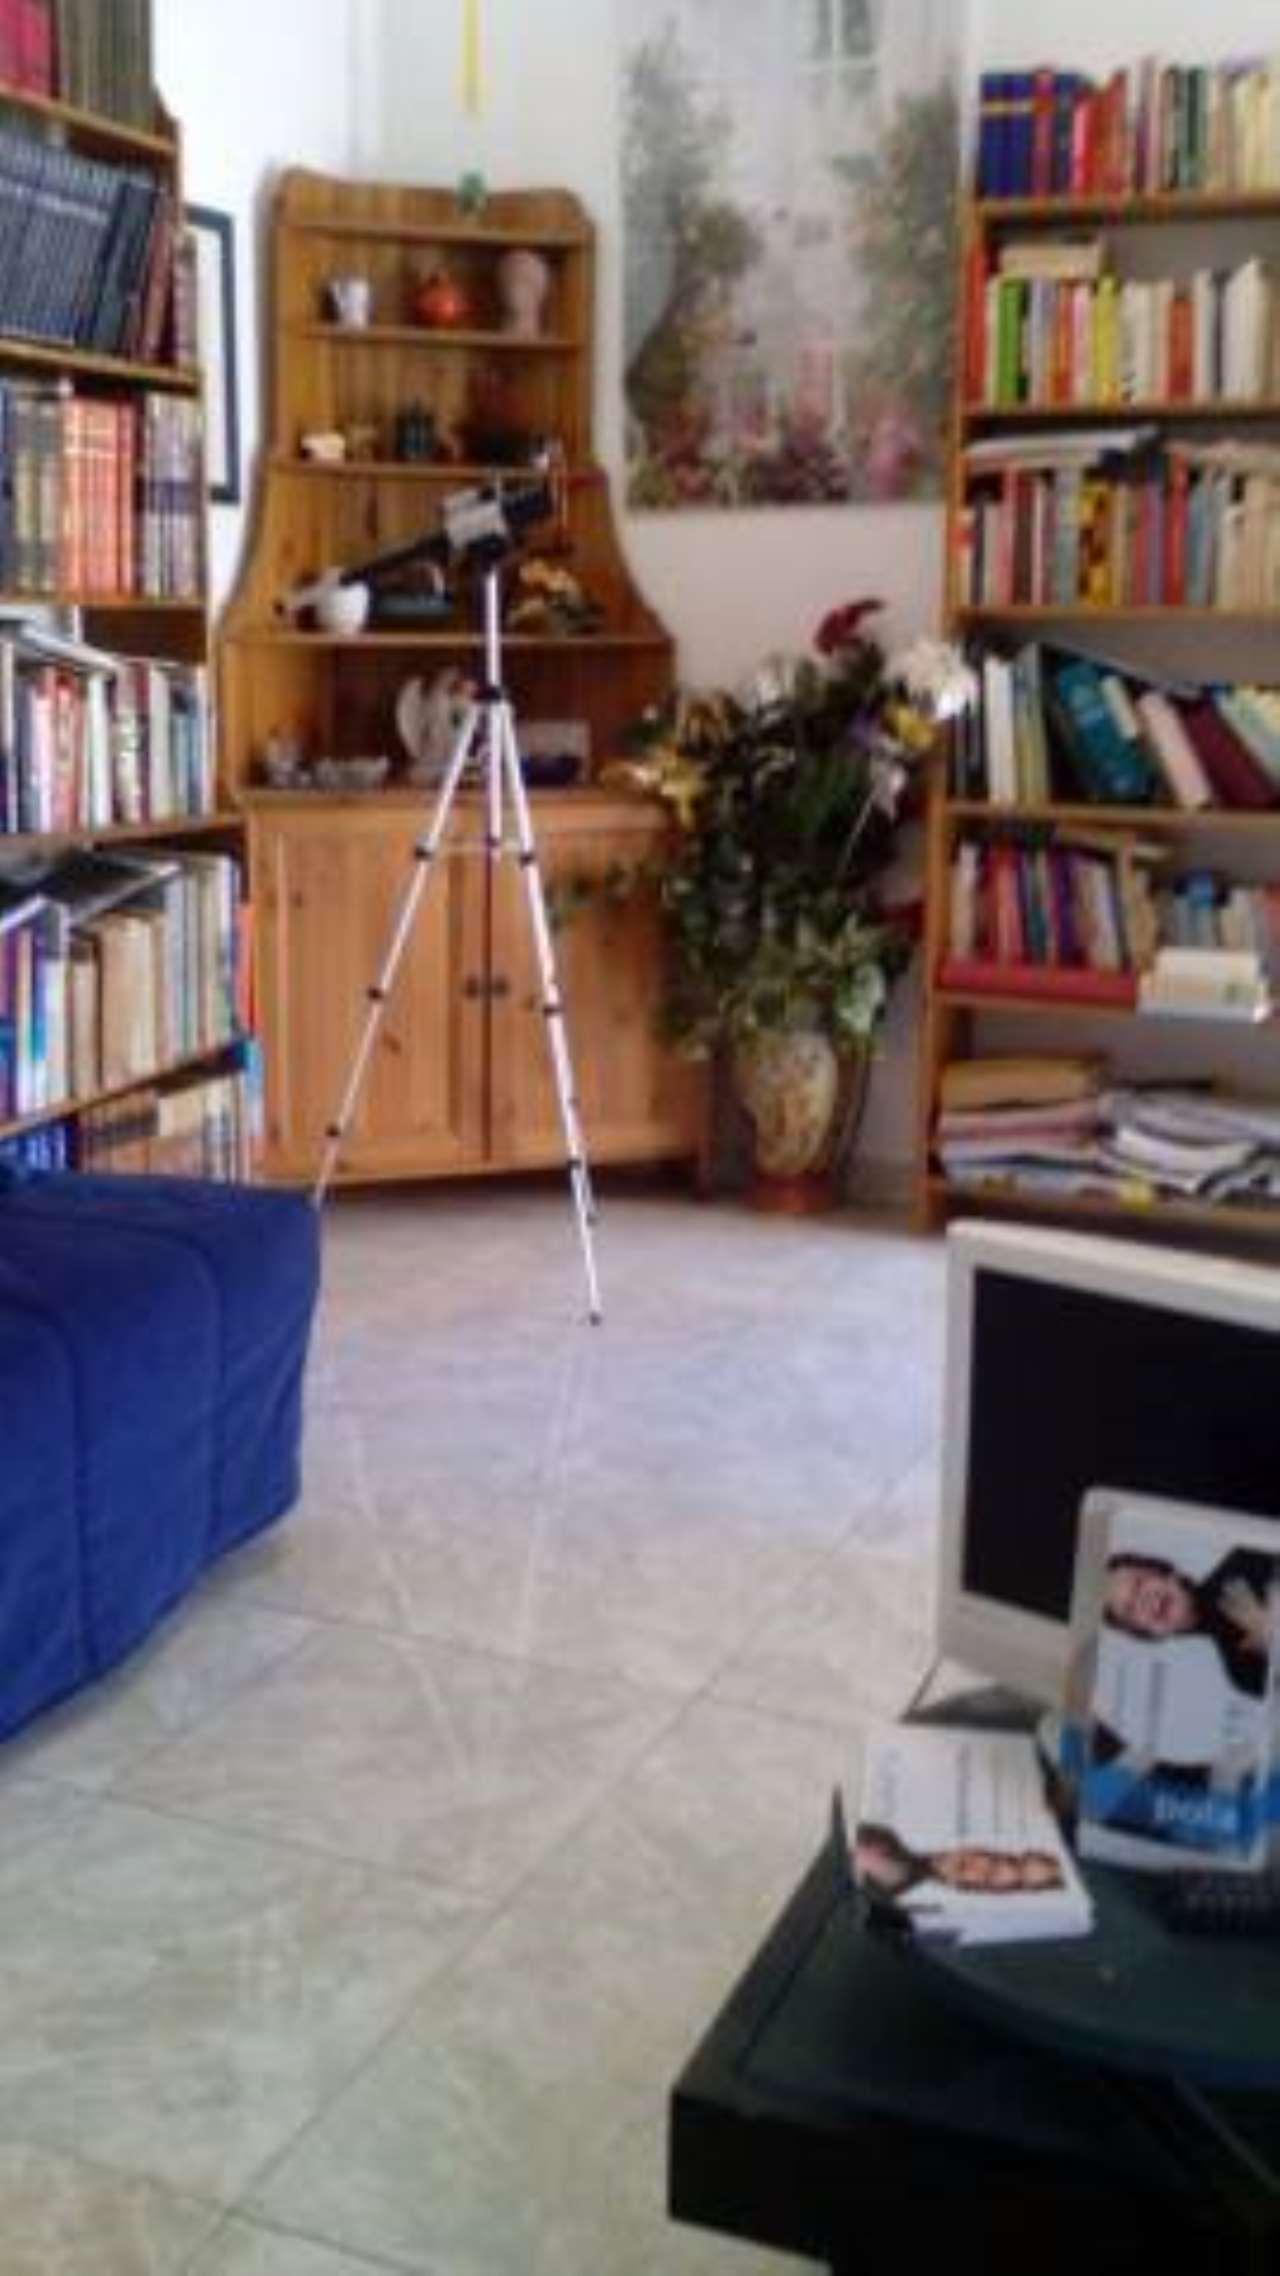 Appartamento in vendita a Palombara Sabina, 2 locali, prezzo € 100.000 | CambioCasa.it